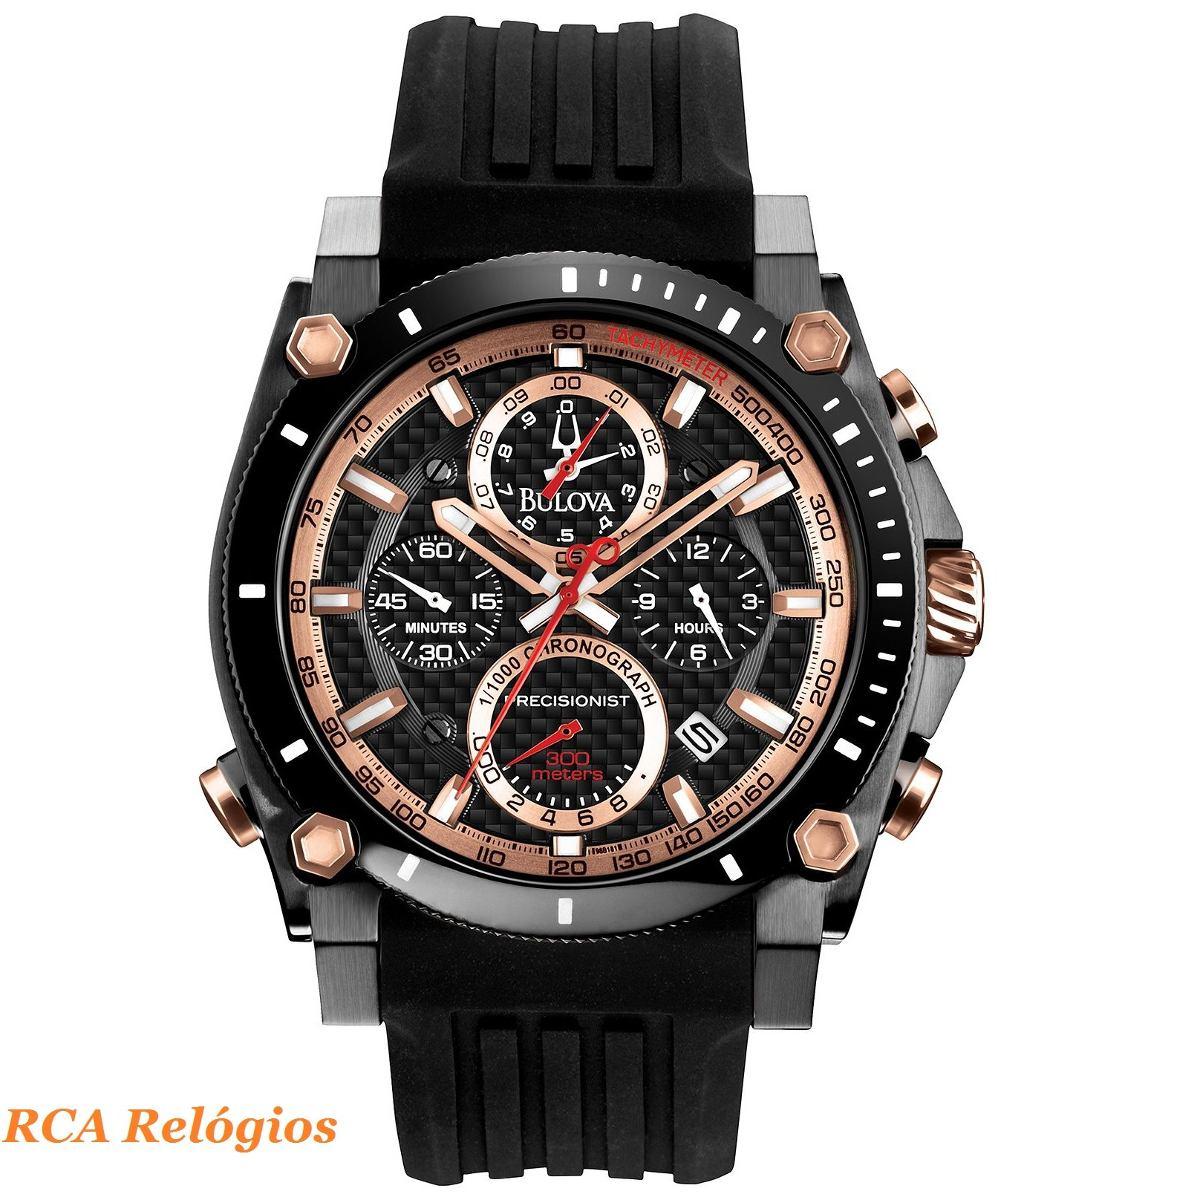 23758cb2465 Relógio Bulova Precisionist Wb31603p (nf-e + Garantia) - R  2.869